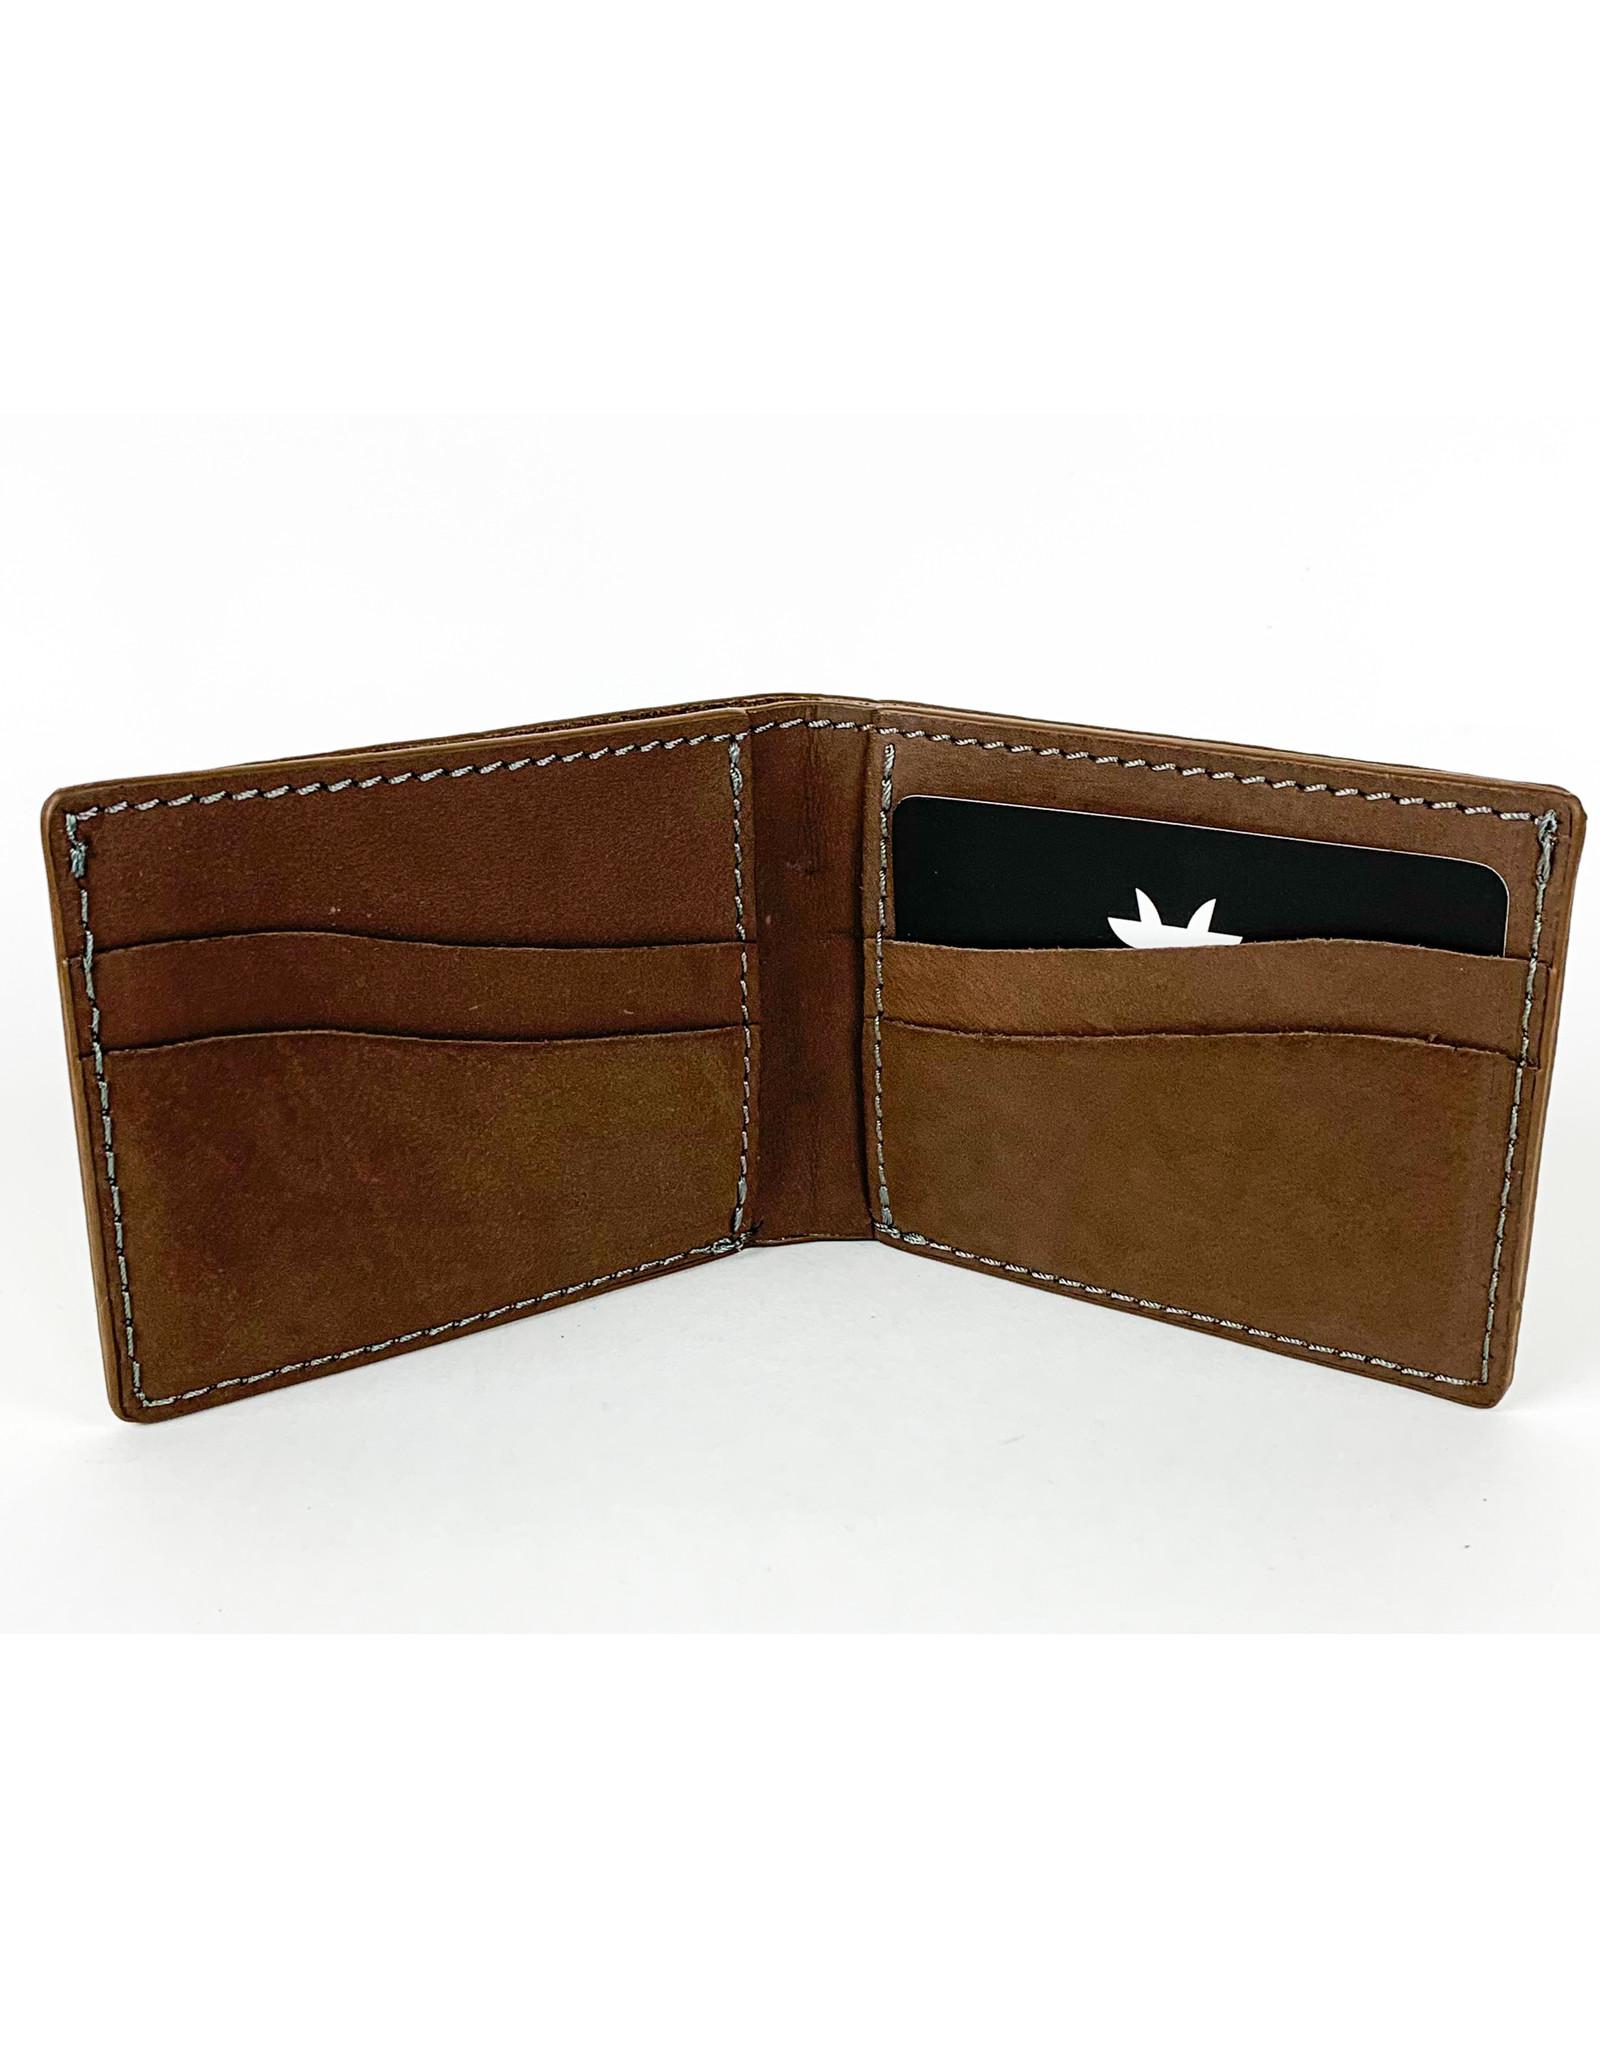 Kiko Leather Brown Bifold Wallet